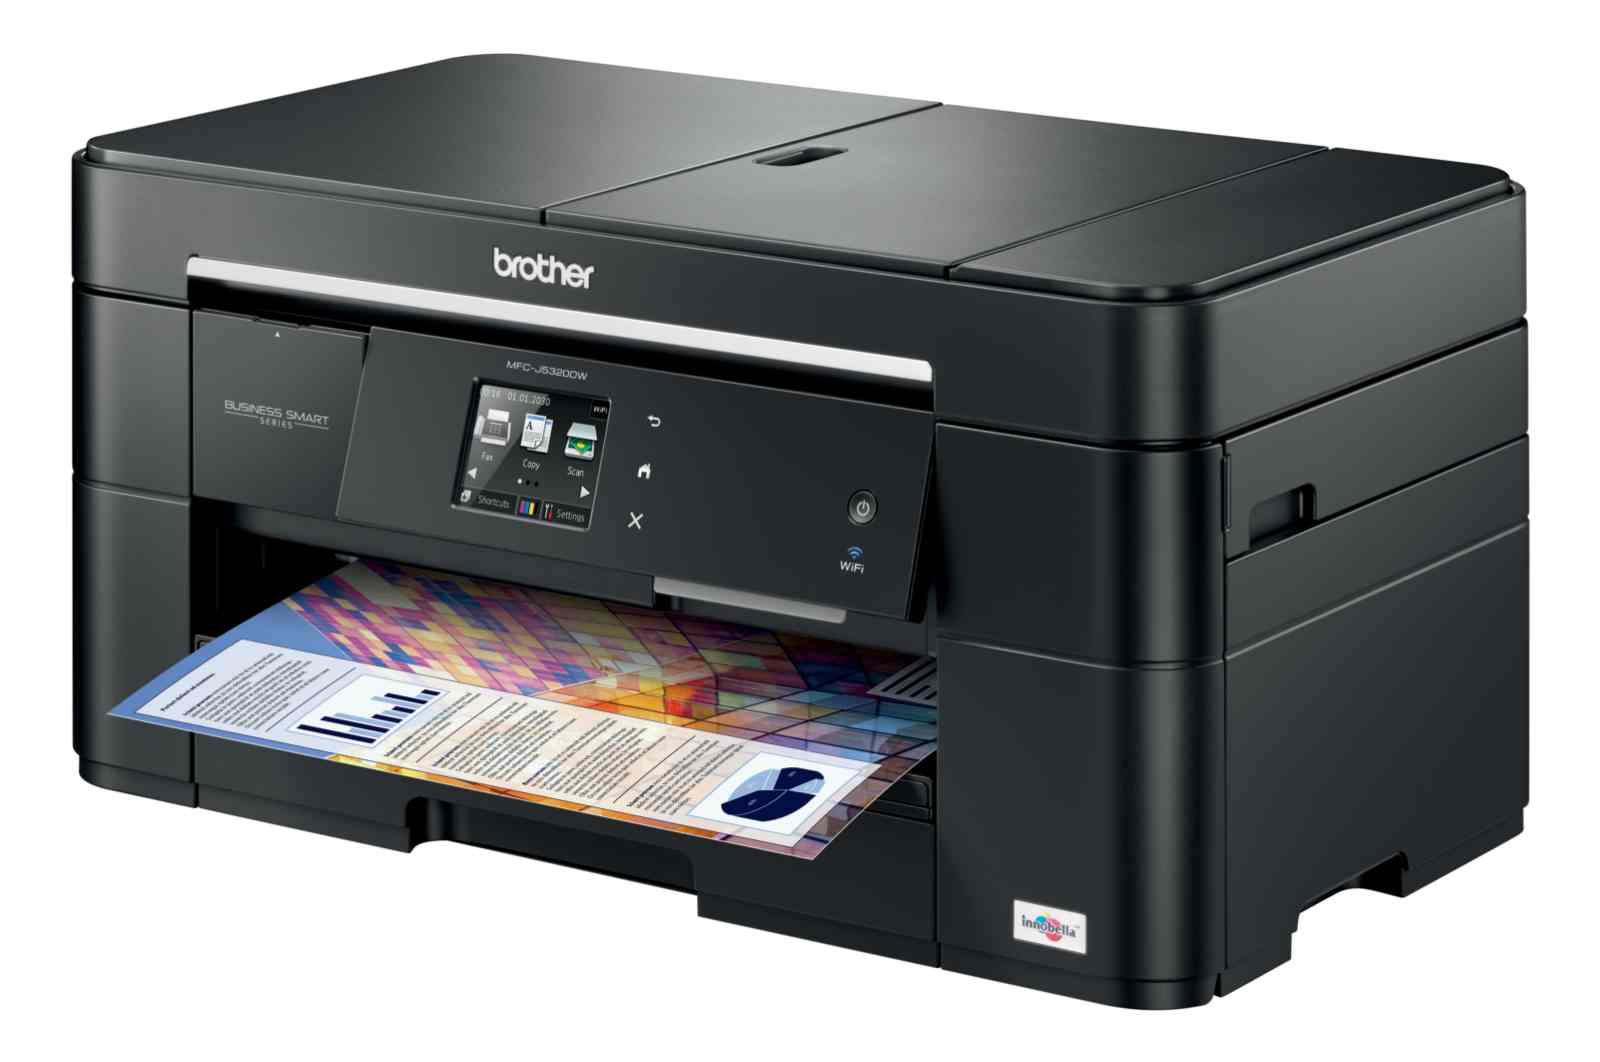 Brother MFC-J5320DW, tiskárna/kopírka/skener/fax, tisk na šířku, duplexní tisk, síť, ethernet, WiFi, dotykový LCD